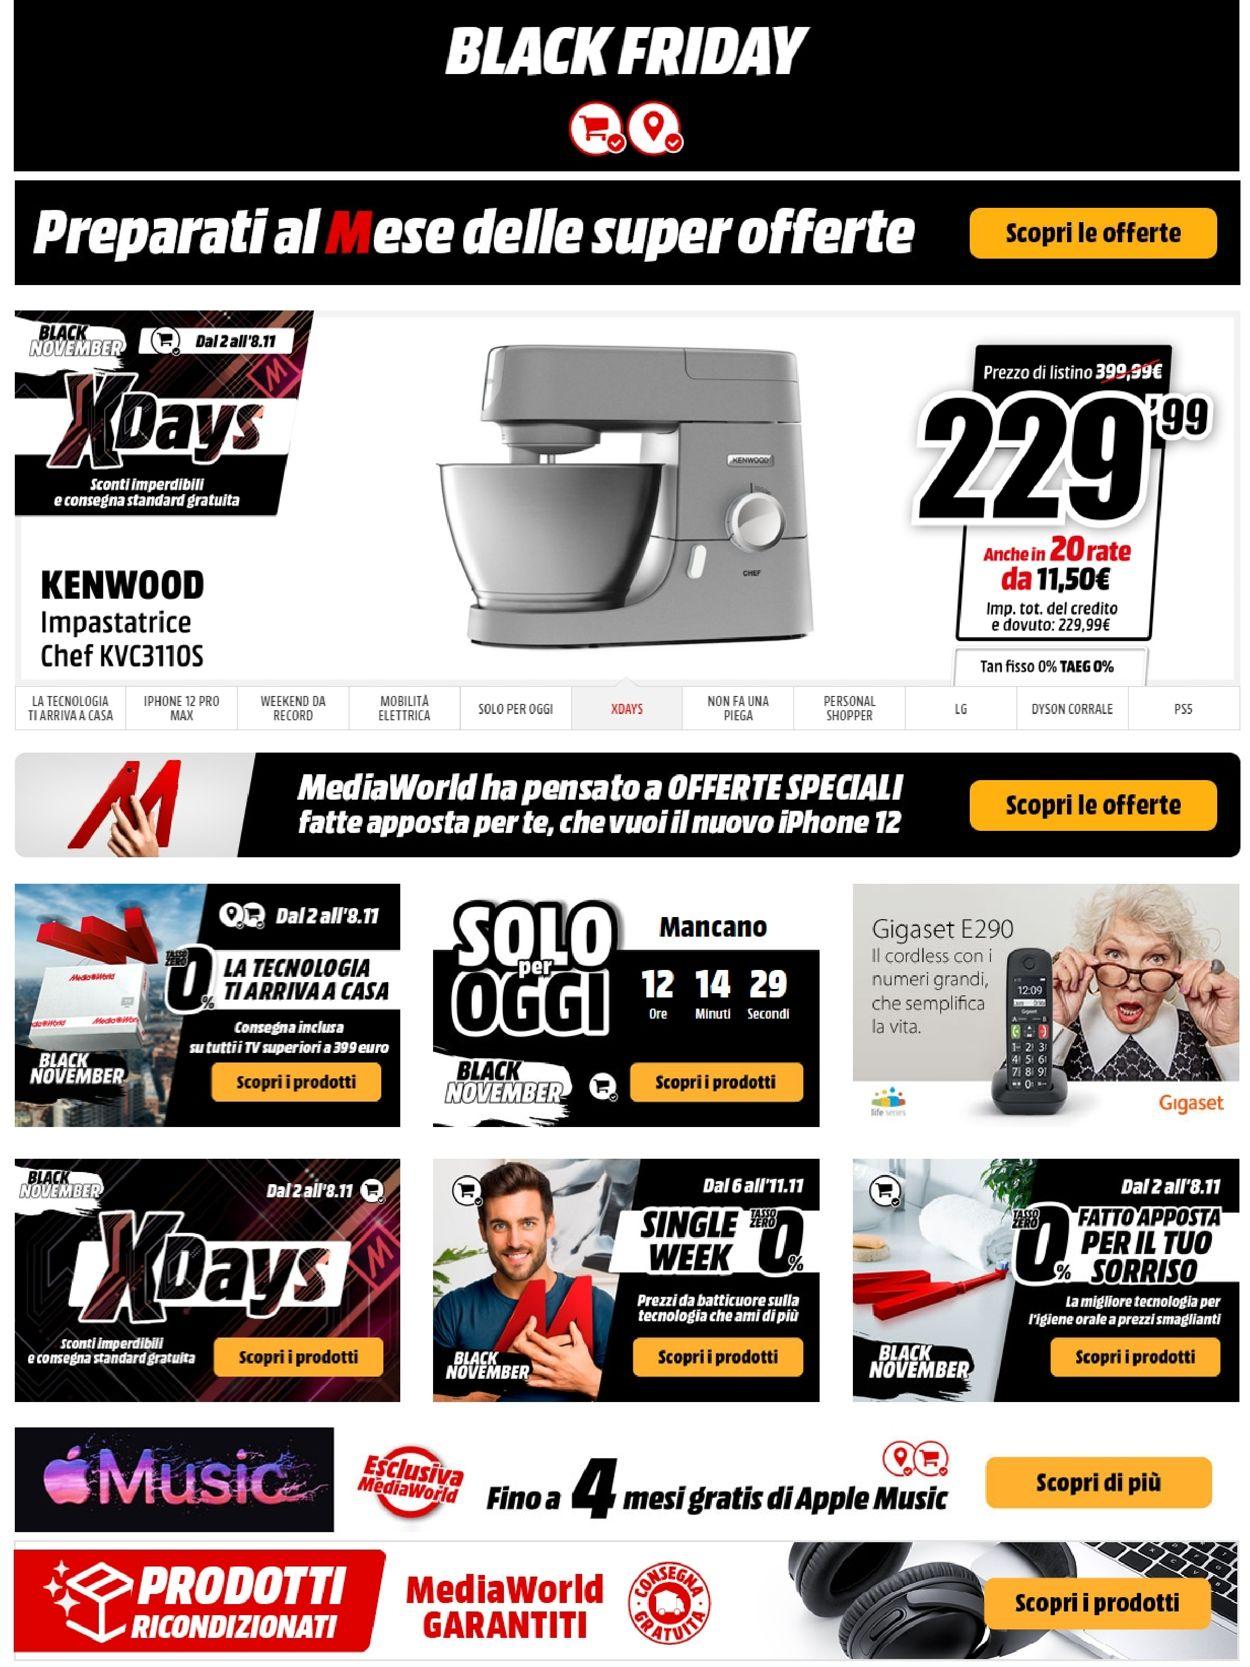 Volantino Media World - Black Friday 2020 - Offerte 06/11-11/11/2020